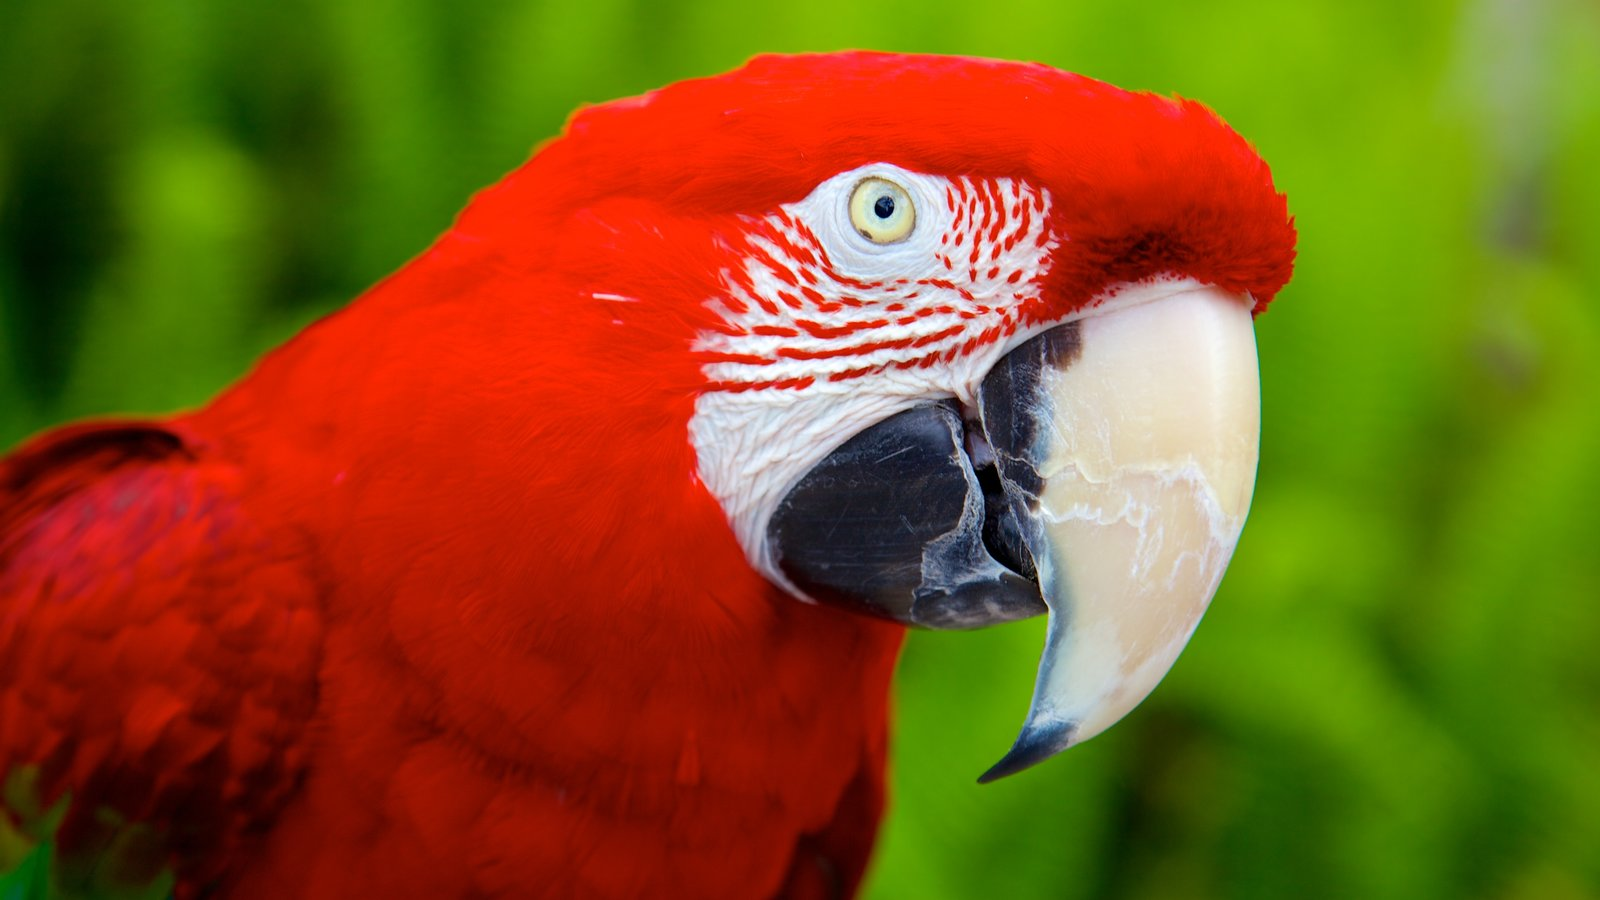 Sarasota Jungle Gardens mostrando vida das aves